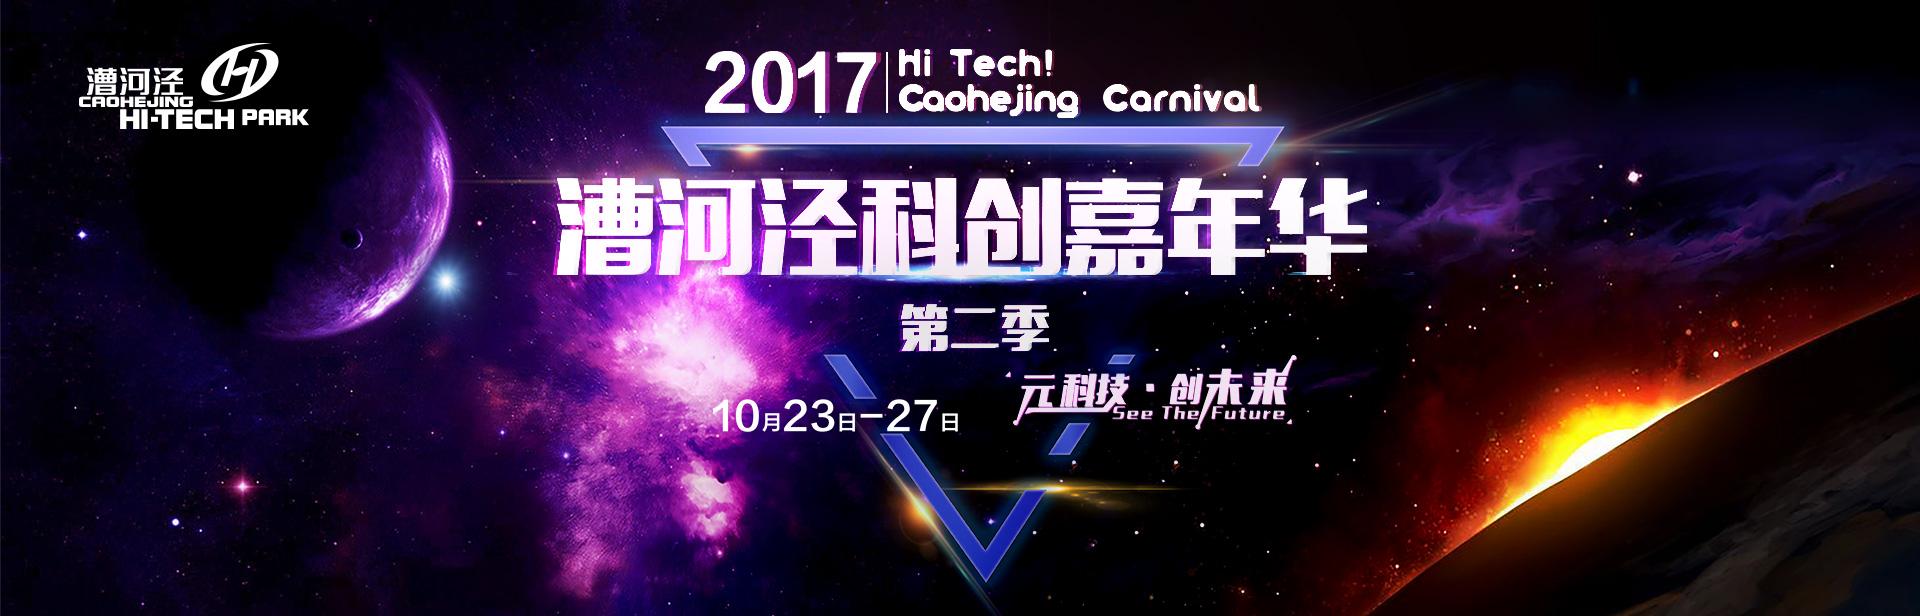 上海漕河泾国际科技创新嘉年华